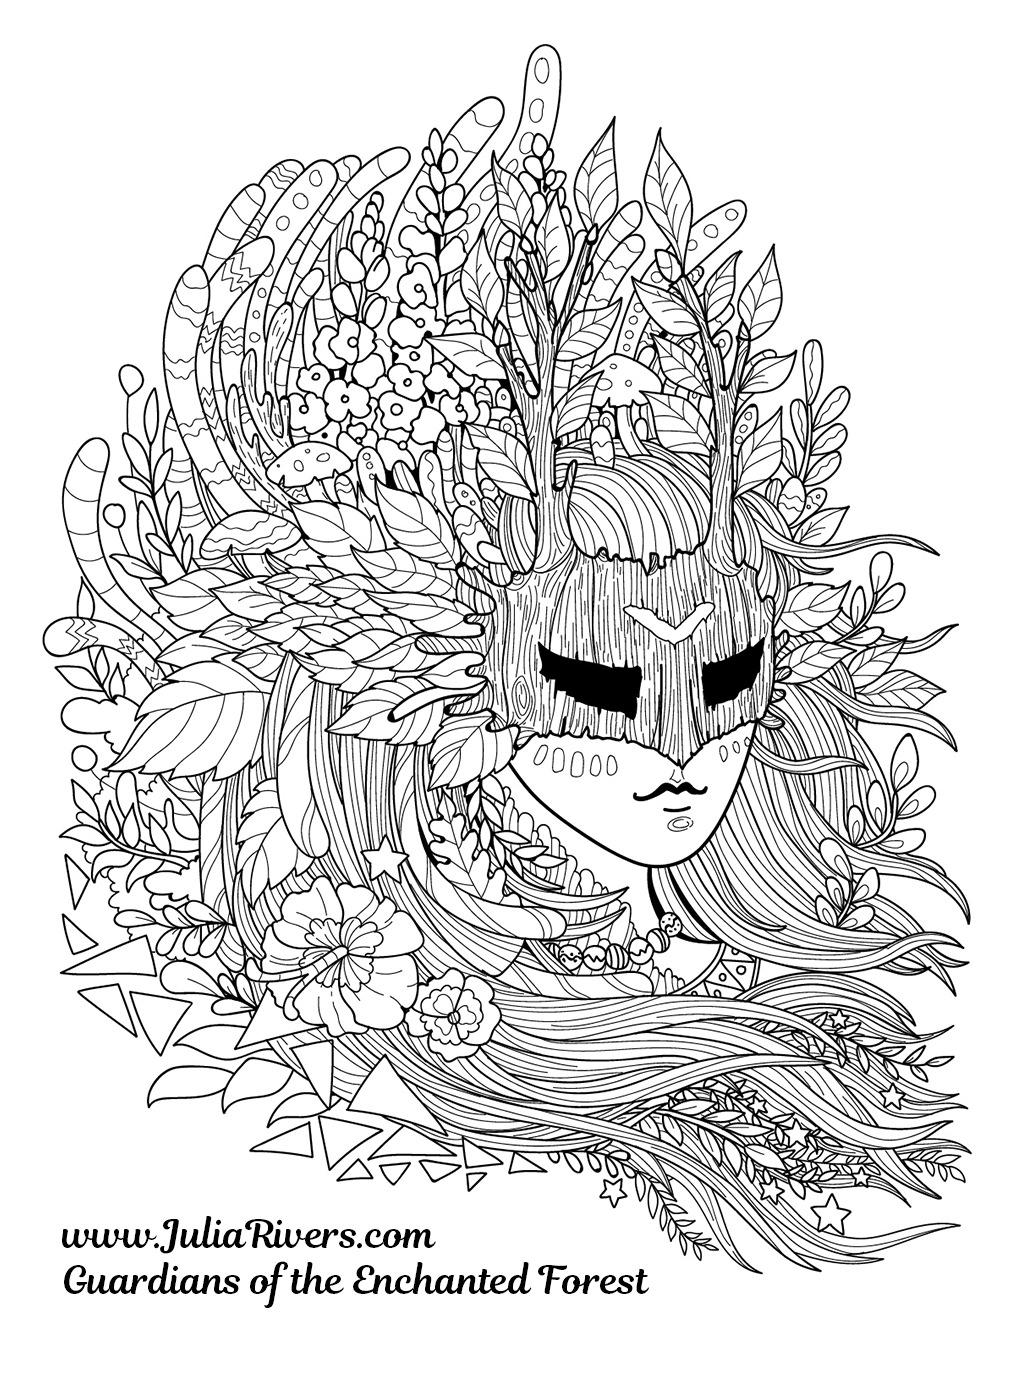 'Gardiens de la Forêt Enchantée' : Coloriage représentant une étrange créature masquée, avec une chevelure composée de fleurs, feuilles et champignons